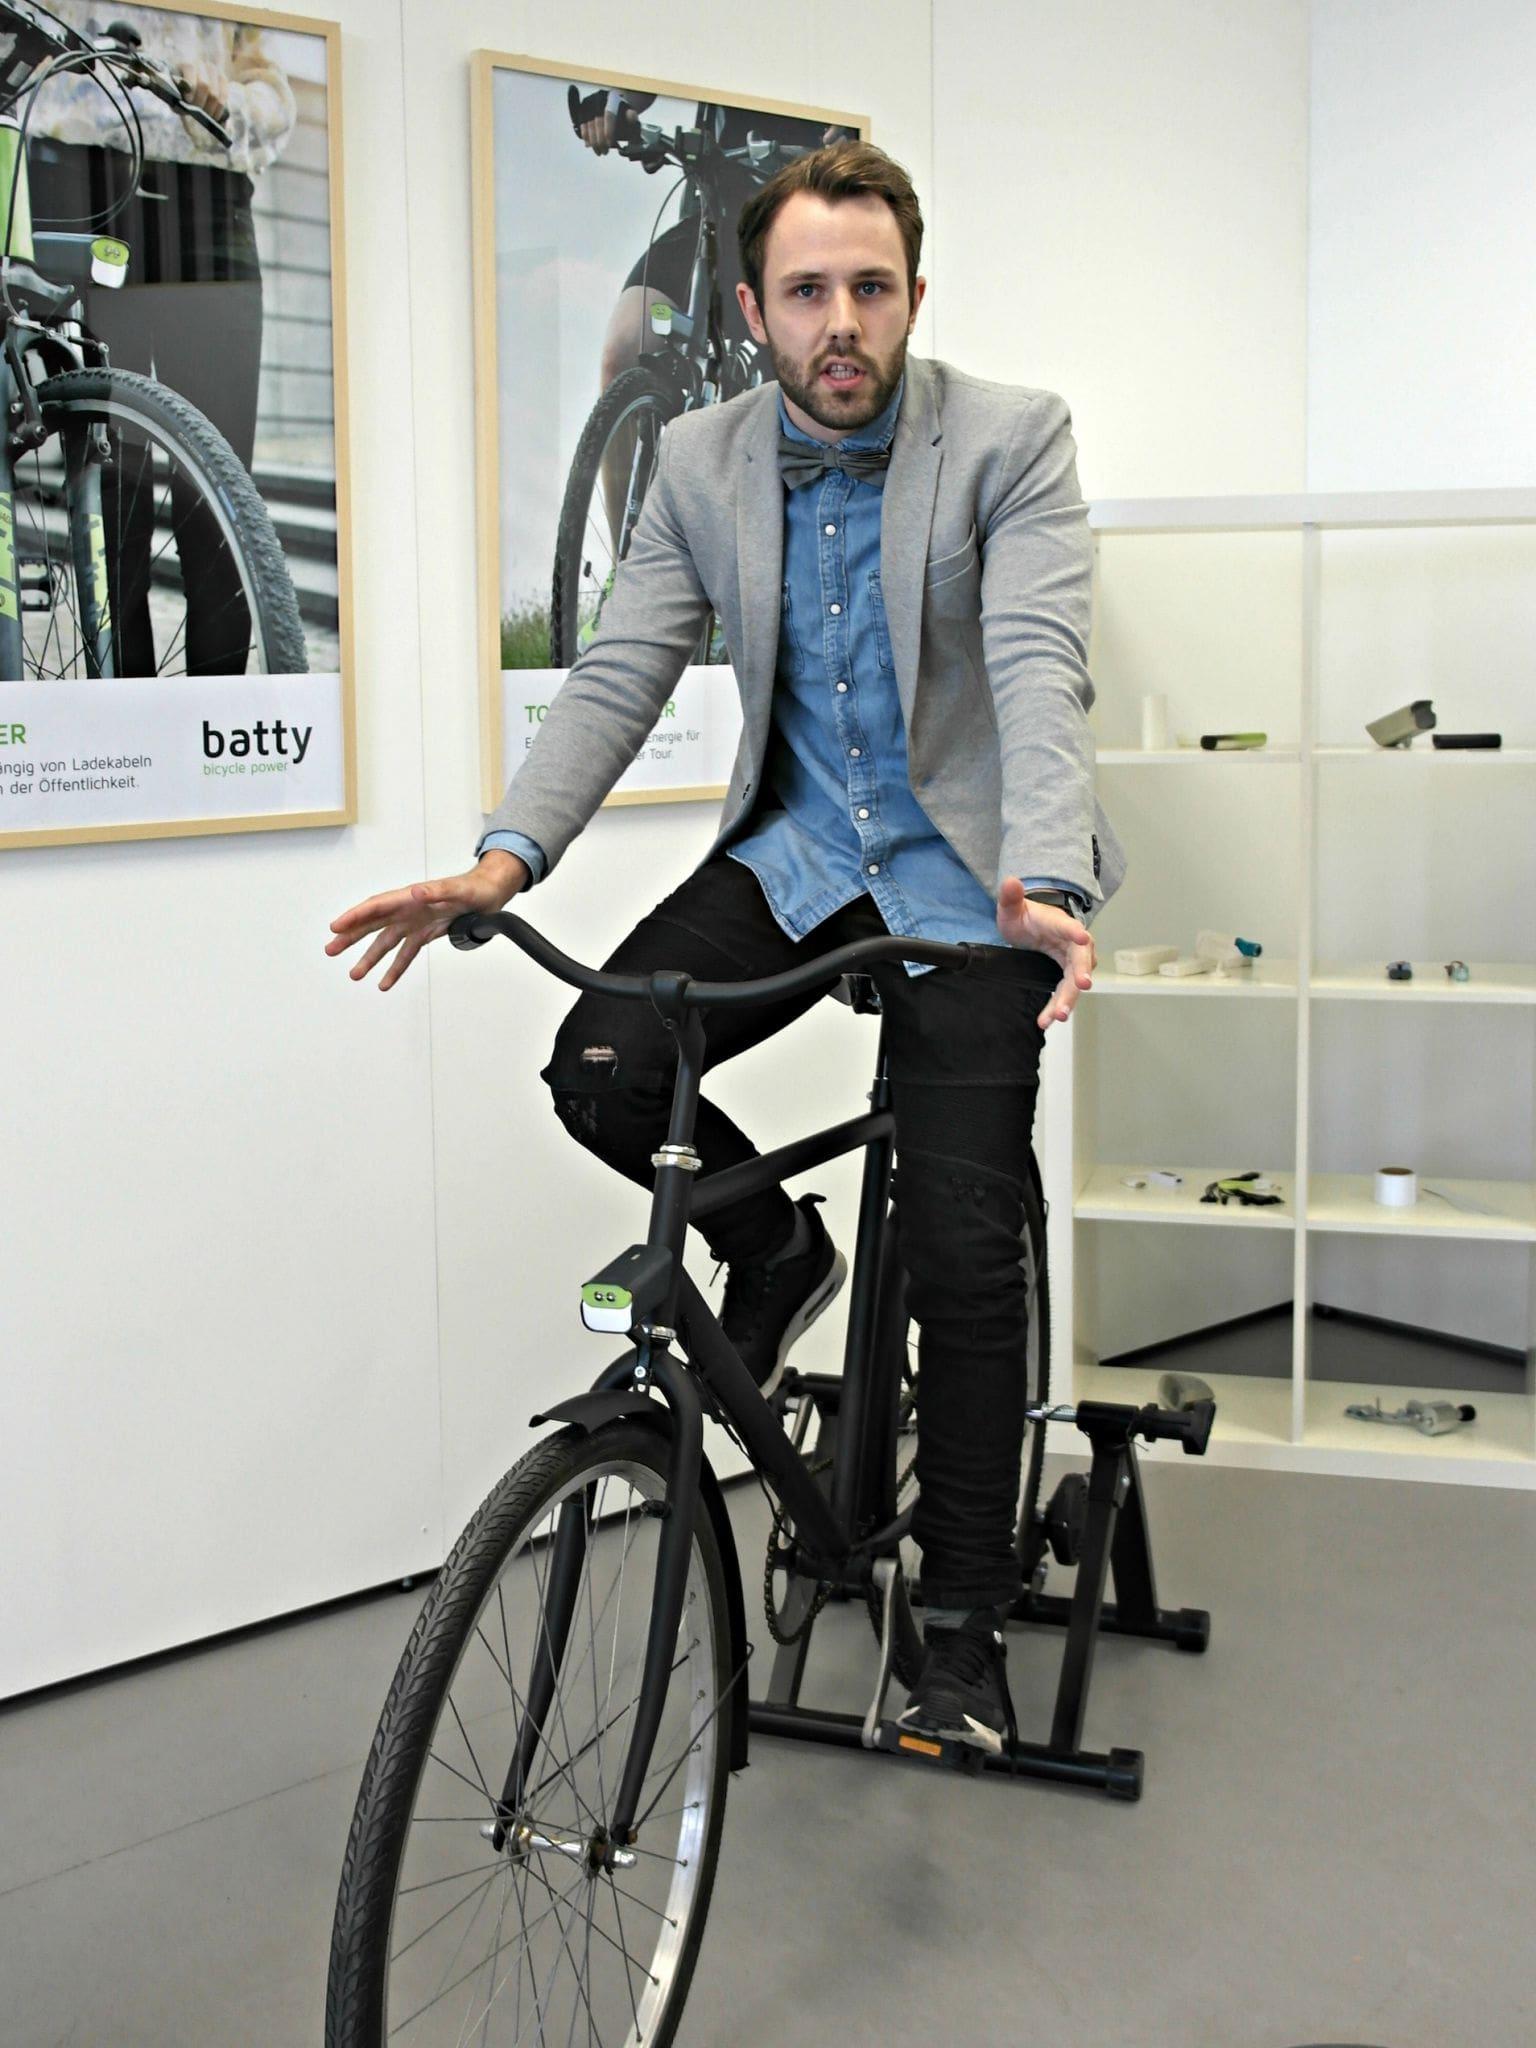 """Fabian Westens Fahrradlicht """"batty"""" erzeugt beim Radeln Energie"""